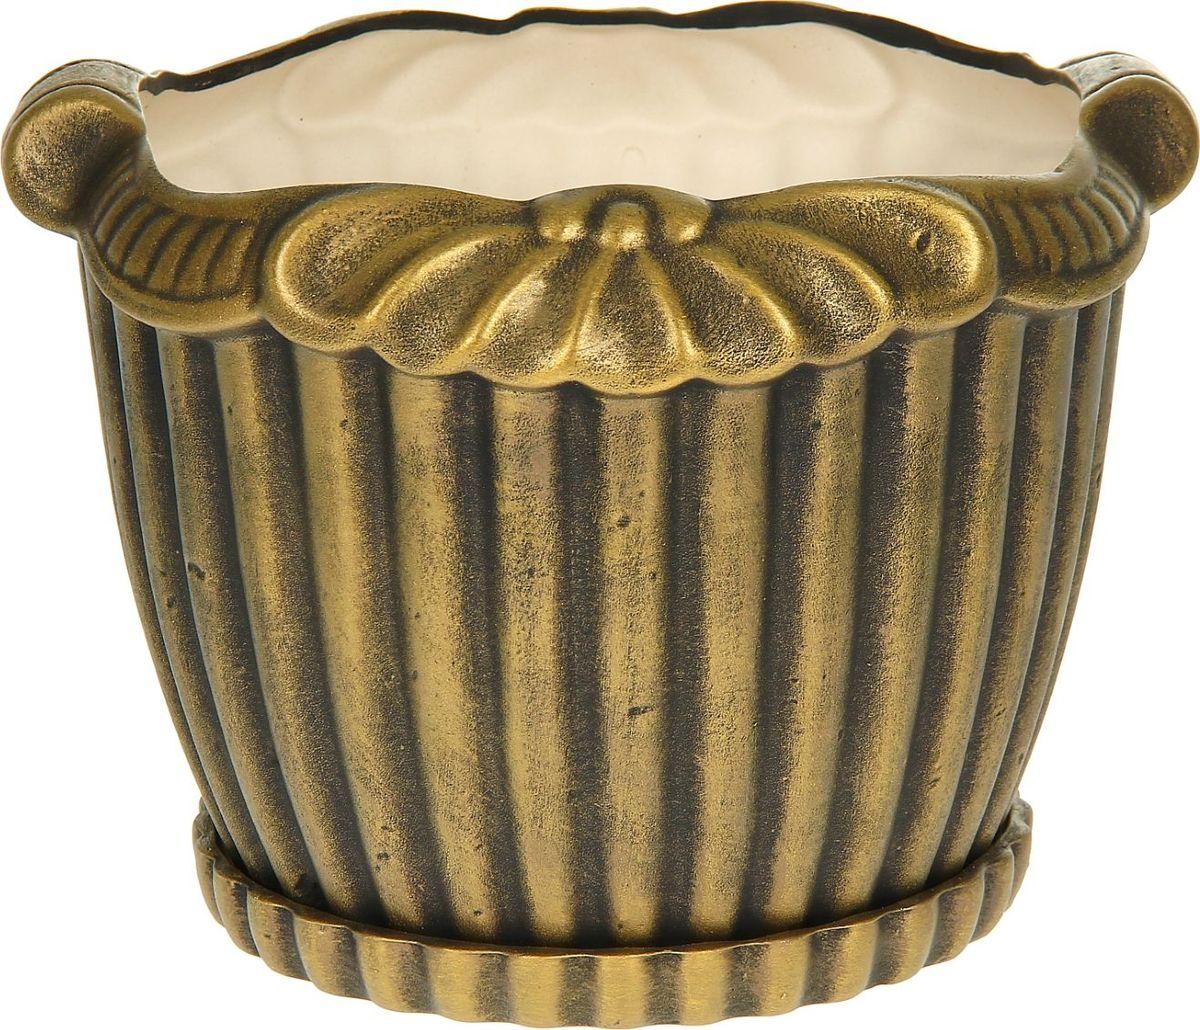 Кашпо Керамика ручной работы Римское, 9 л1114301Комнатные растения - всеобщие любимцы. Они радуют глаз, насыщают помещение кислородом и украшают пространство. Каждому из них необходим свой удобный и красивый дом. Кашпо из керамики прекрасно подходит для высадки растений: за счет пластичности глины и разных способов обработки существует великое множество форм и дизайнов; пористый материал позволяет испаряться лишней влаге; воздух, необходимый для дыхания корней, проникает сквозь керамические стенки.